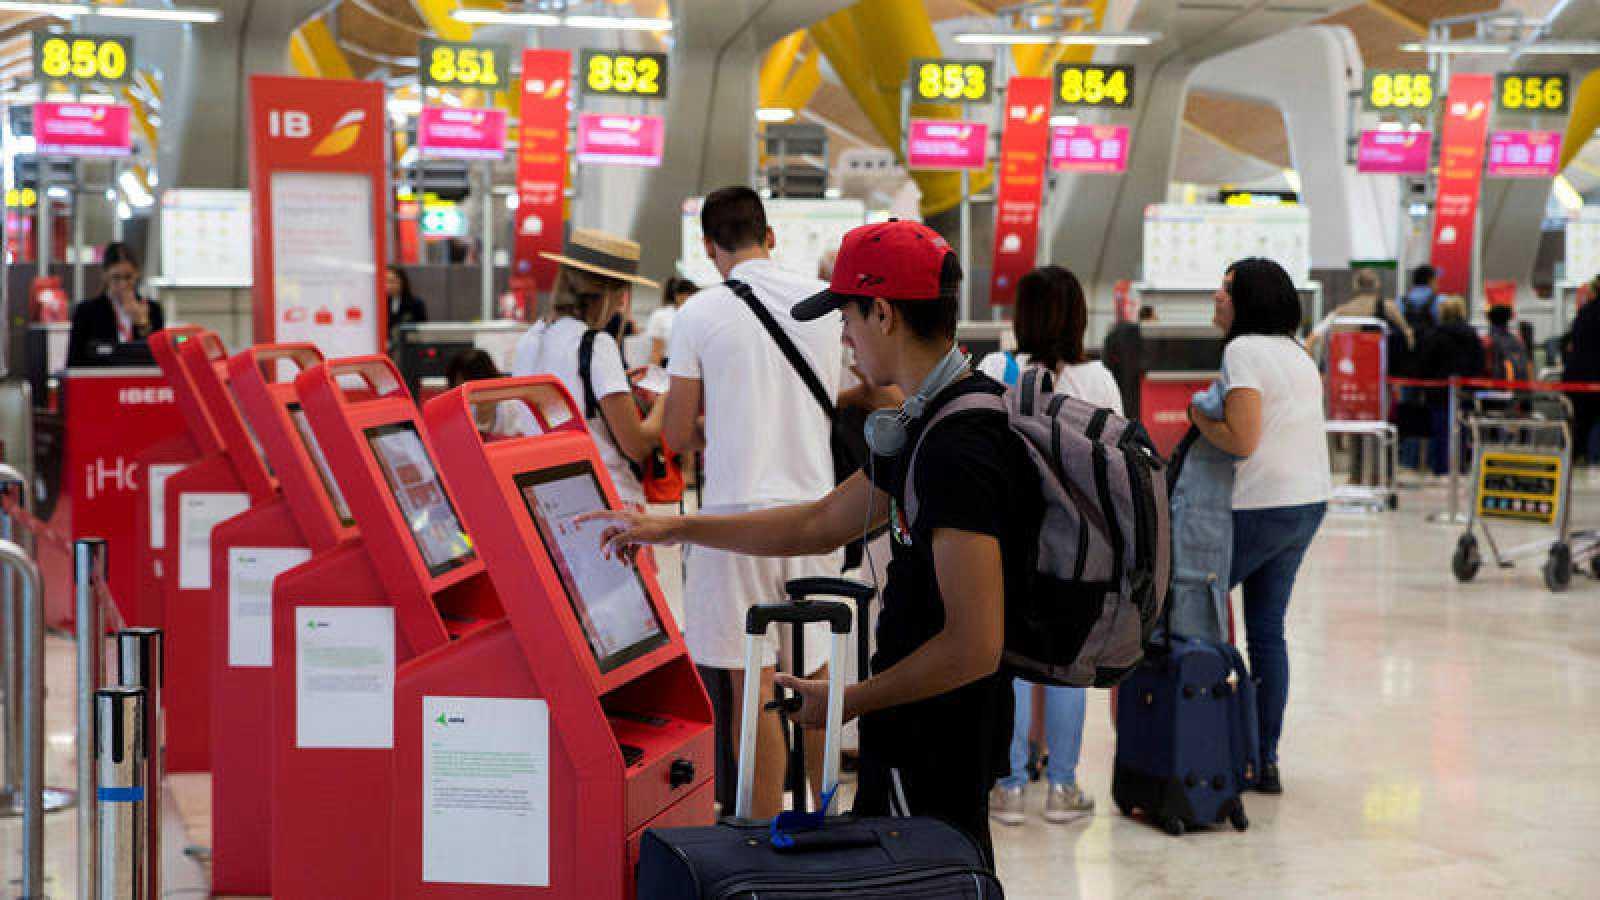 Terminales automáticos de Iberia en Barajas